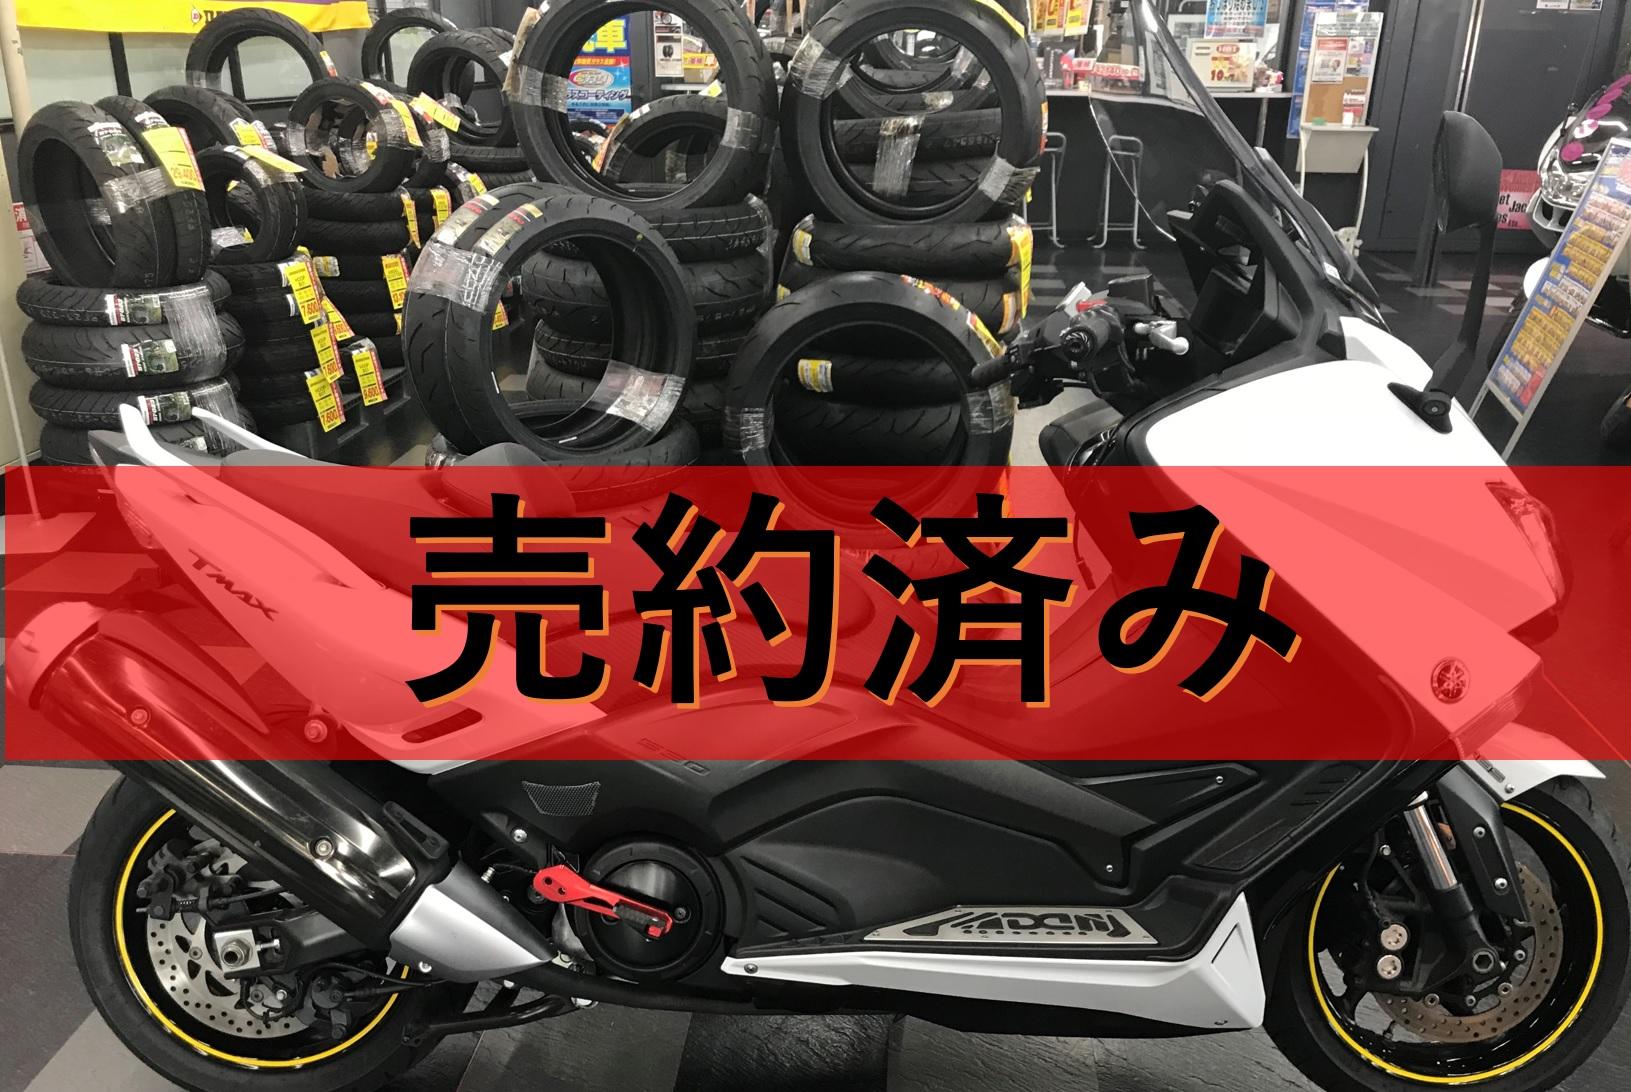 YAMAHA 【販売車両】T-MAX530 フェンダーレス/グリップヒーター/ETC付き